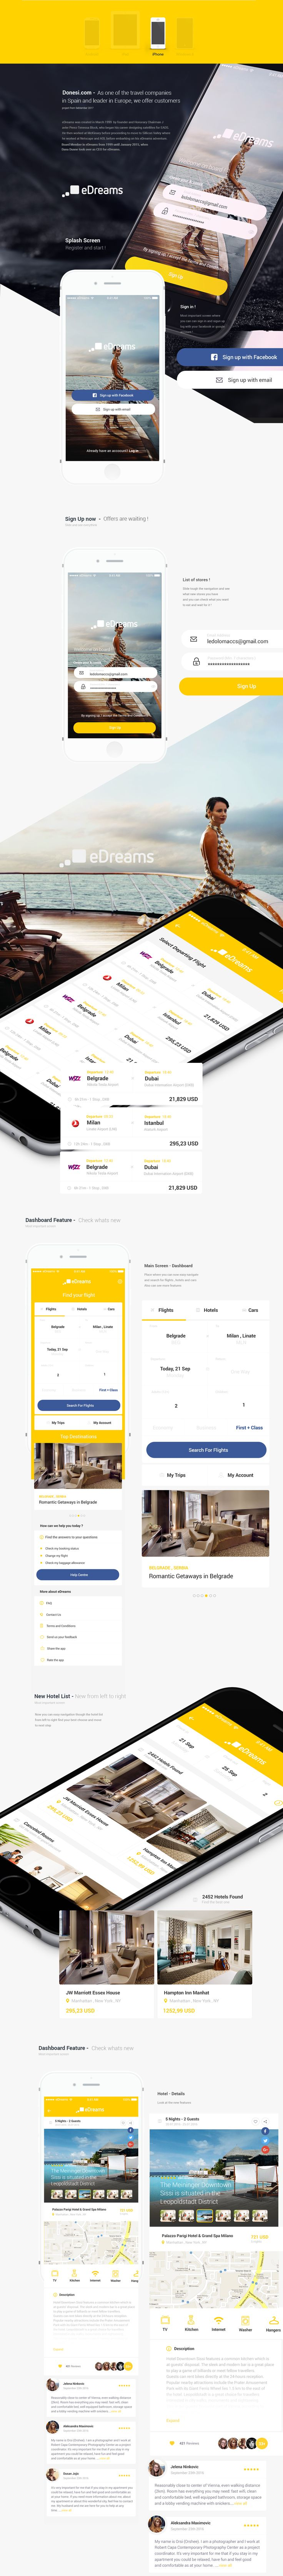 eDreams.com Redesign App - biggest e-commerce travel co on Behance